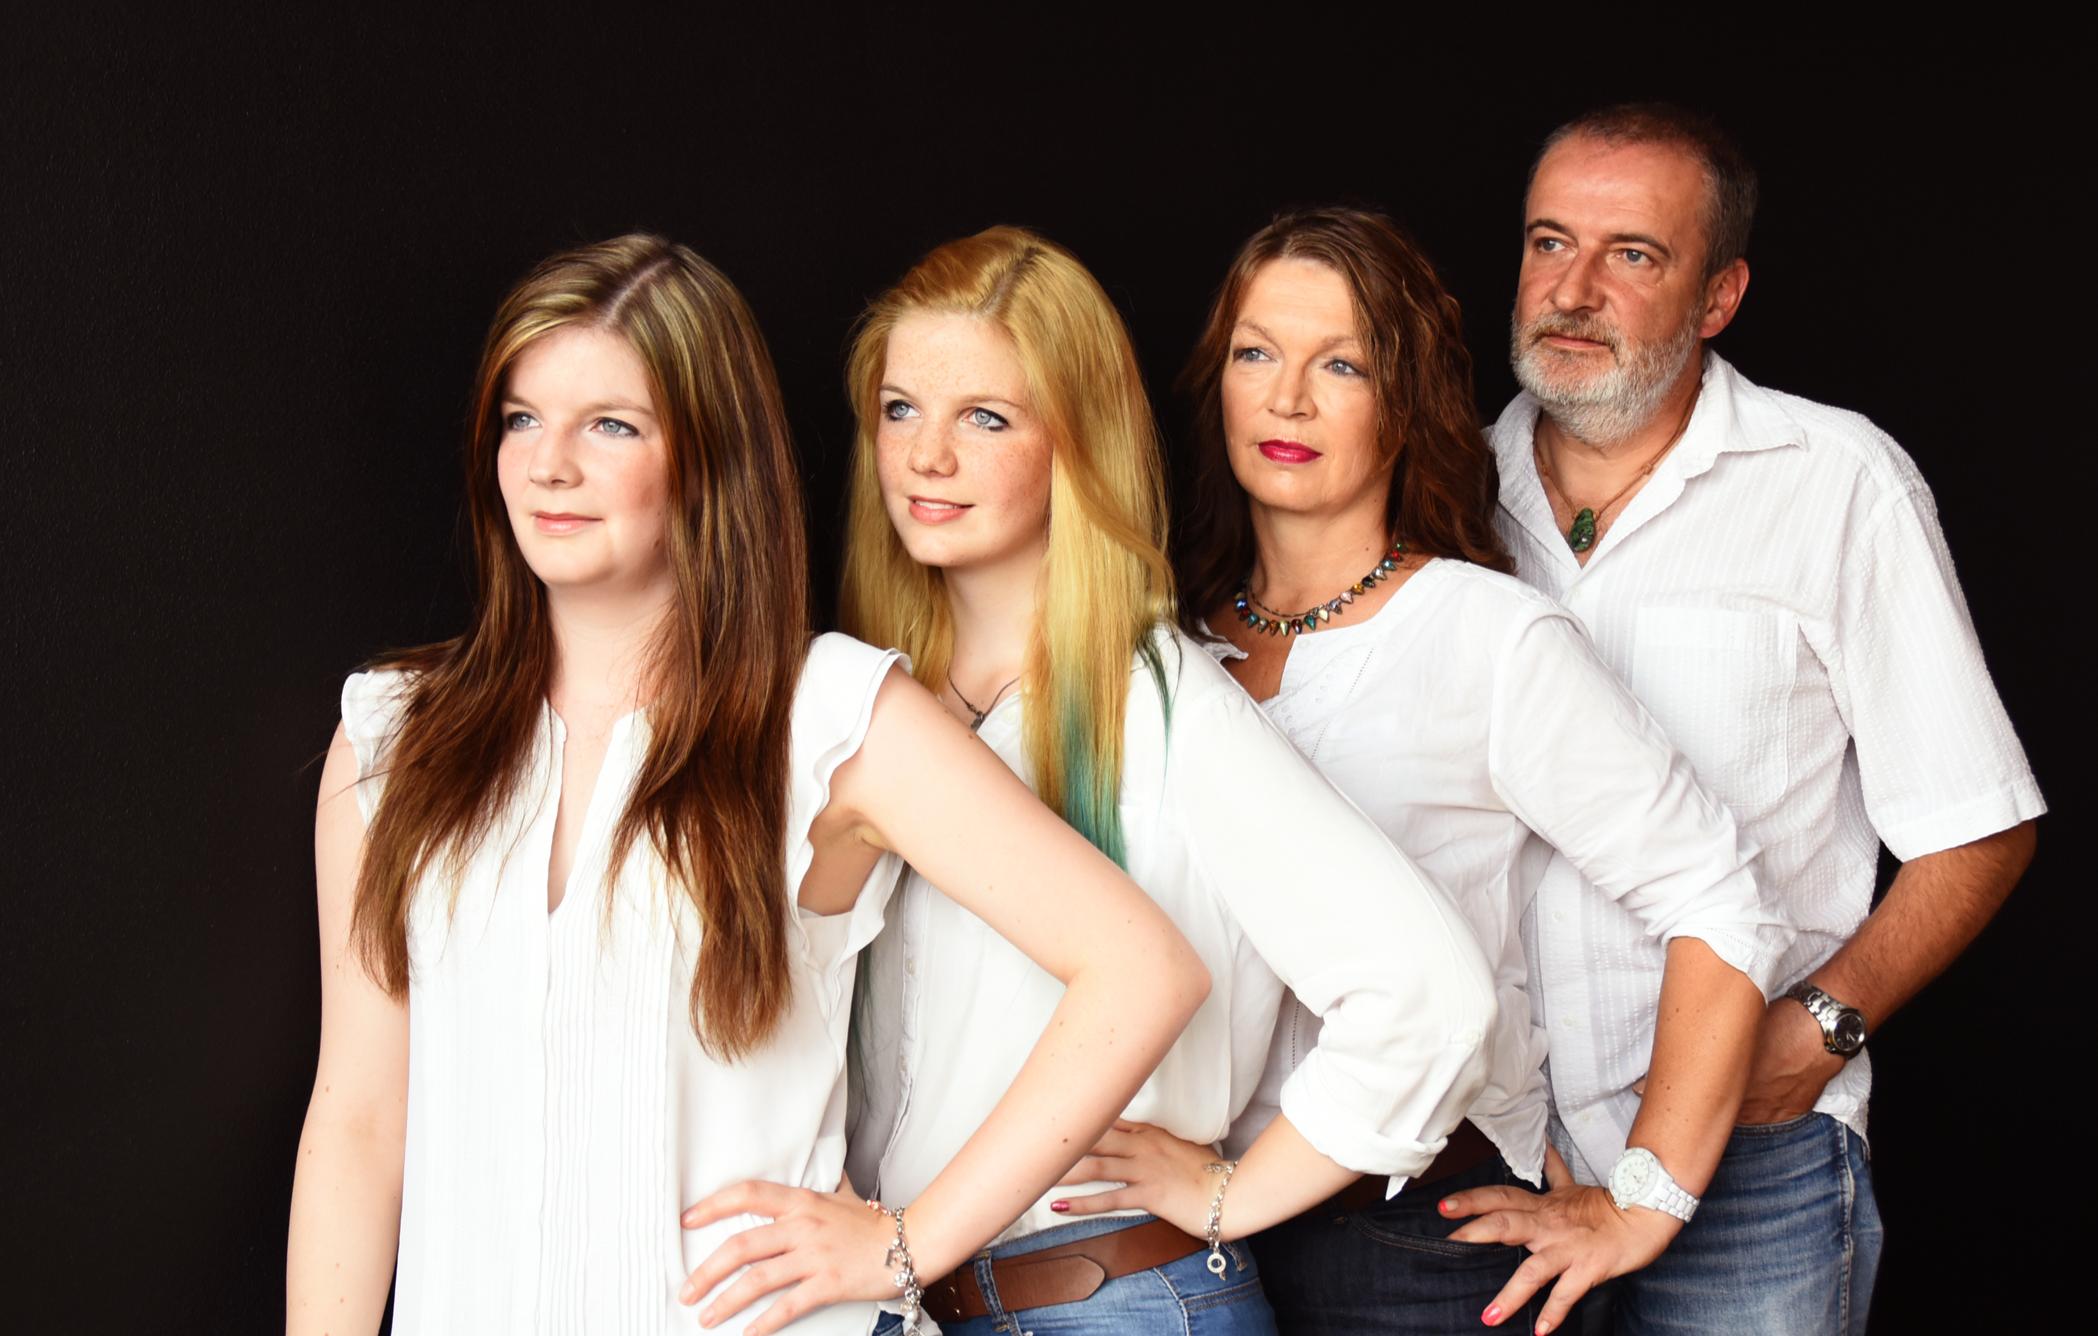 familien-fotoshooting-bonn-bg1